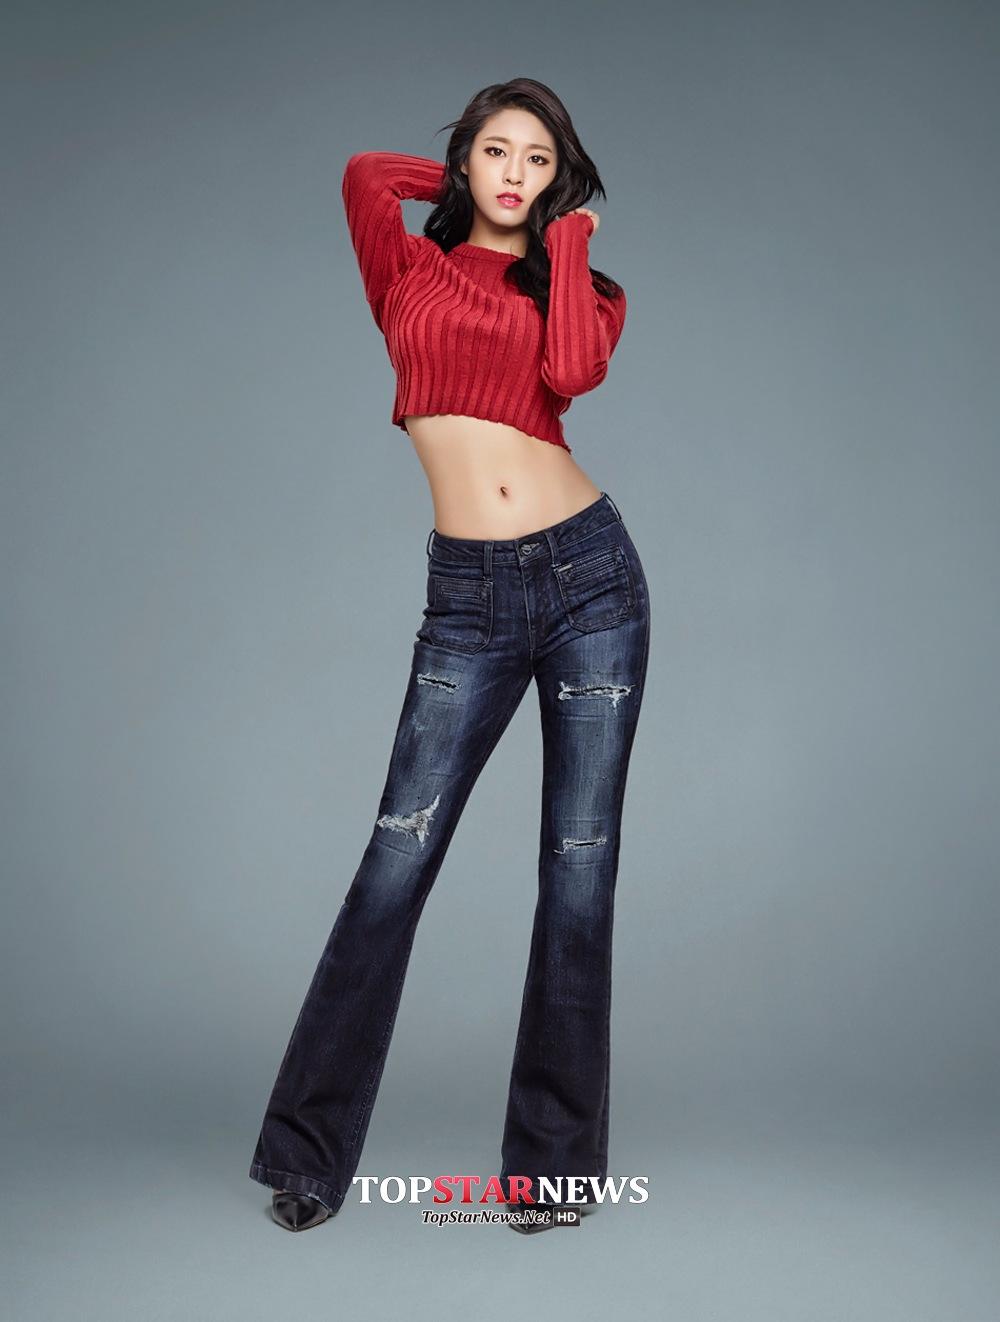 雪炫在節目上表示:「雖然由自己的嘴巴說出來有點害羞,不過覺得自己腰部到骨盆的線條是自己身體的優點。」